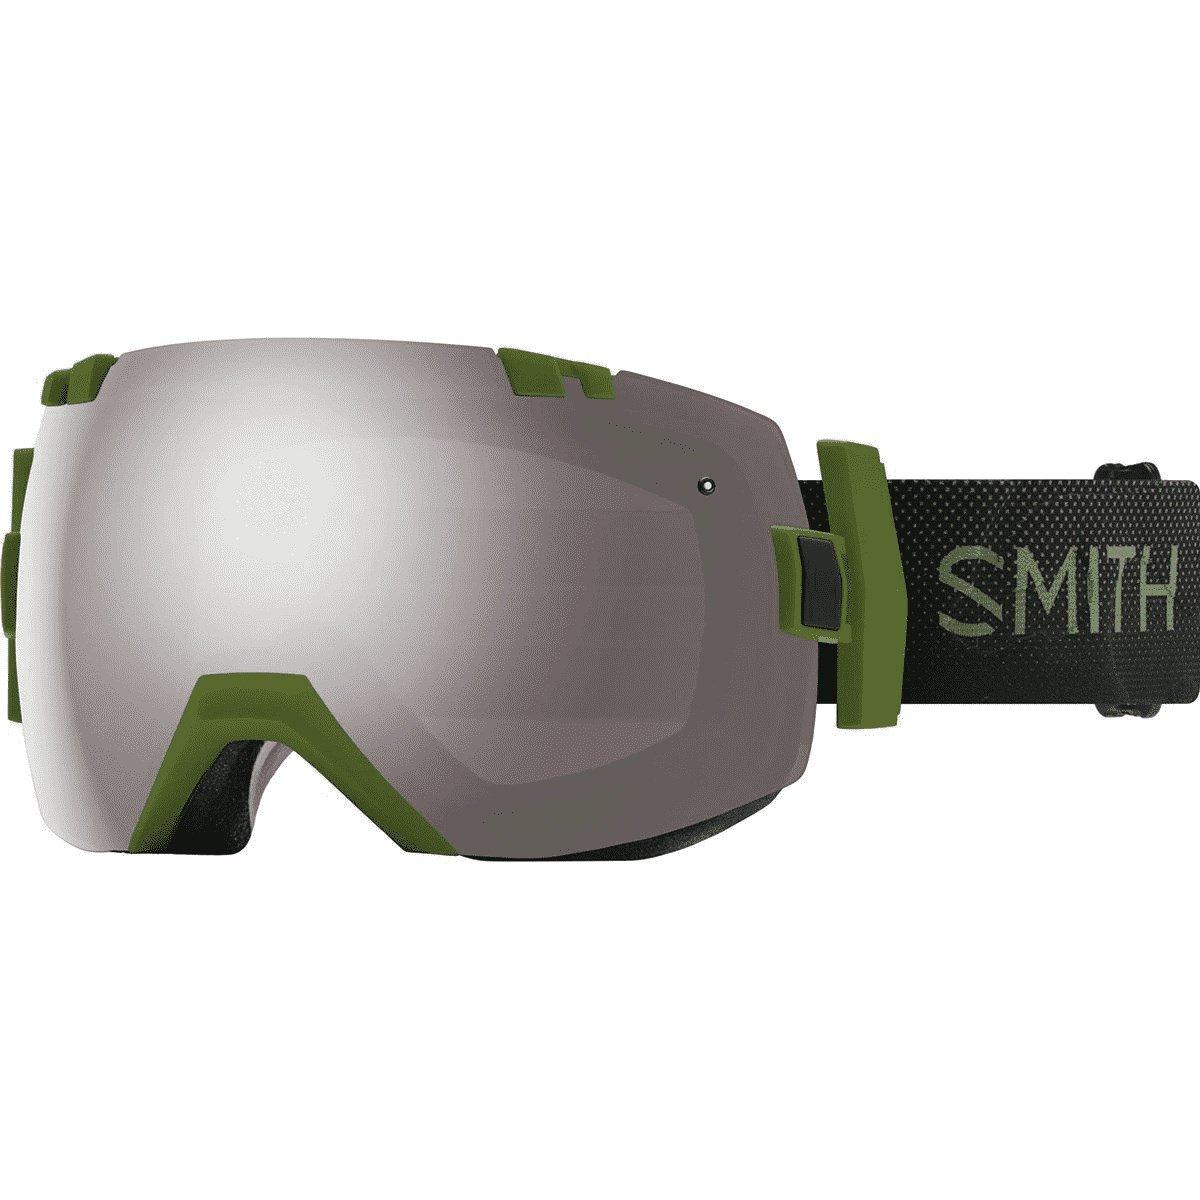 46e244b9989dd Smith I OX Goggles